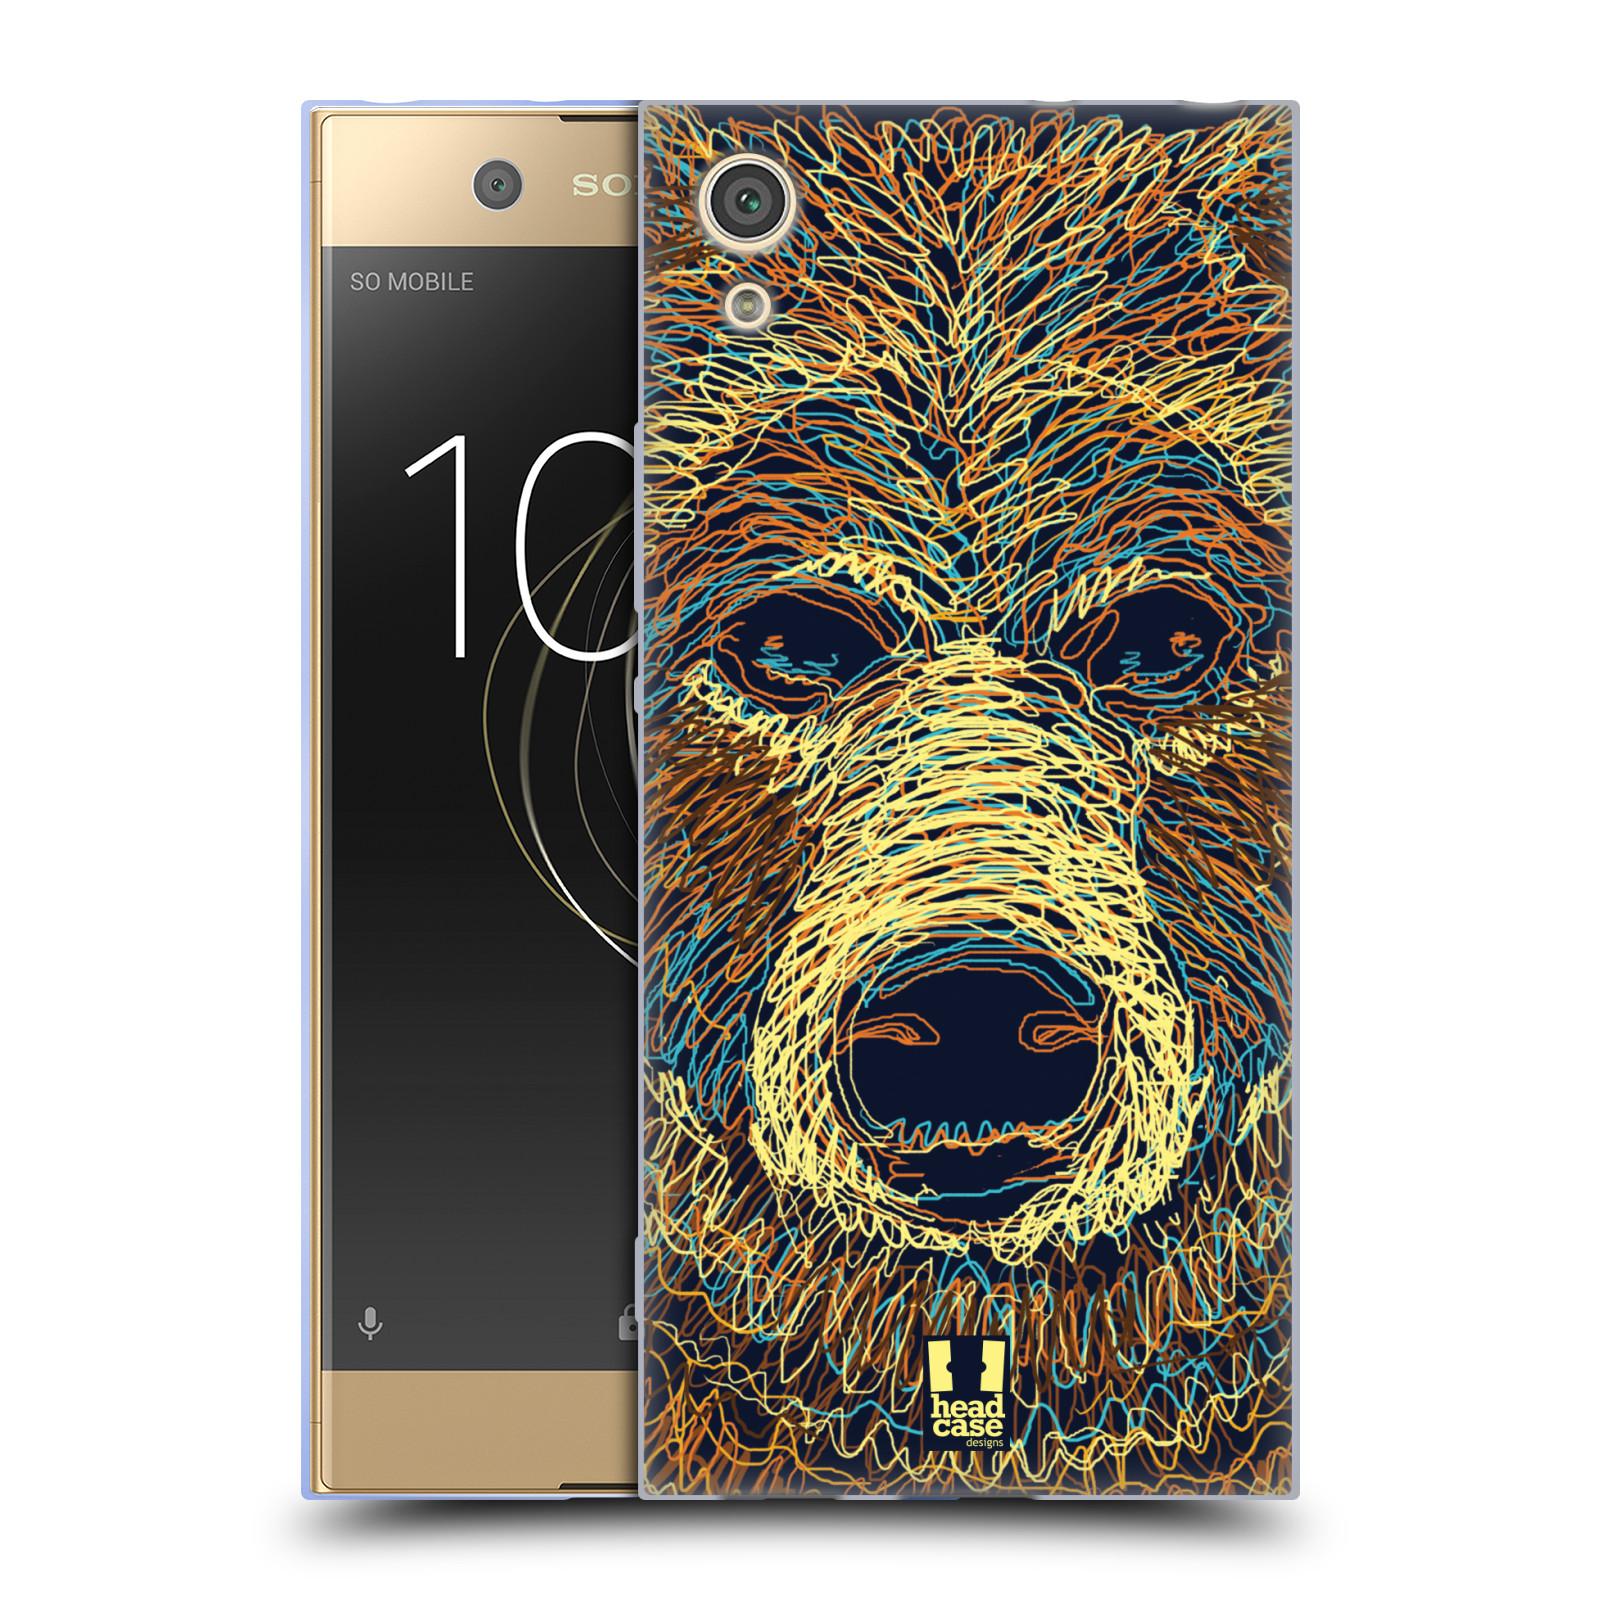 HEAD CASE silikonový obal na mobil Sony Xperia XA1 / XA1 DUAL SIM vzor zvíře čmáranice medvěd